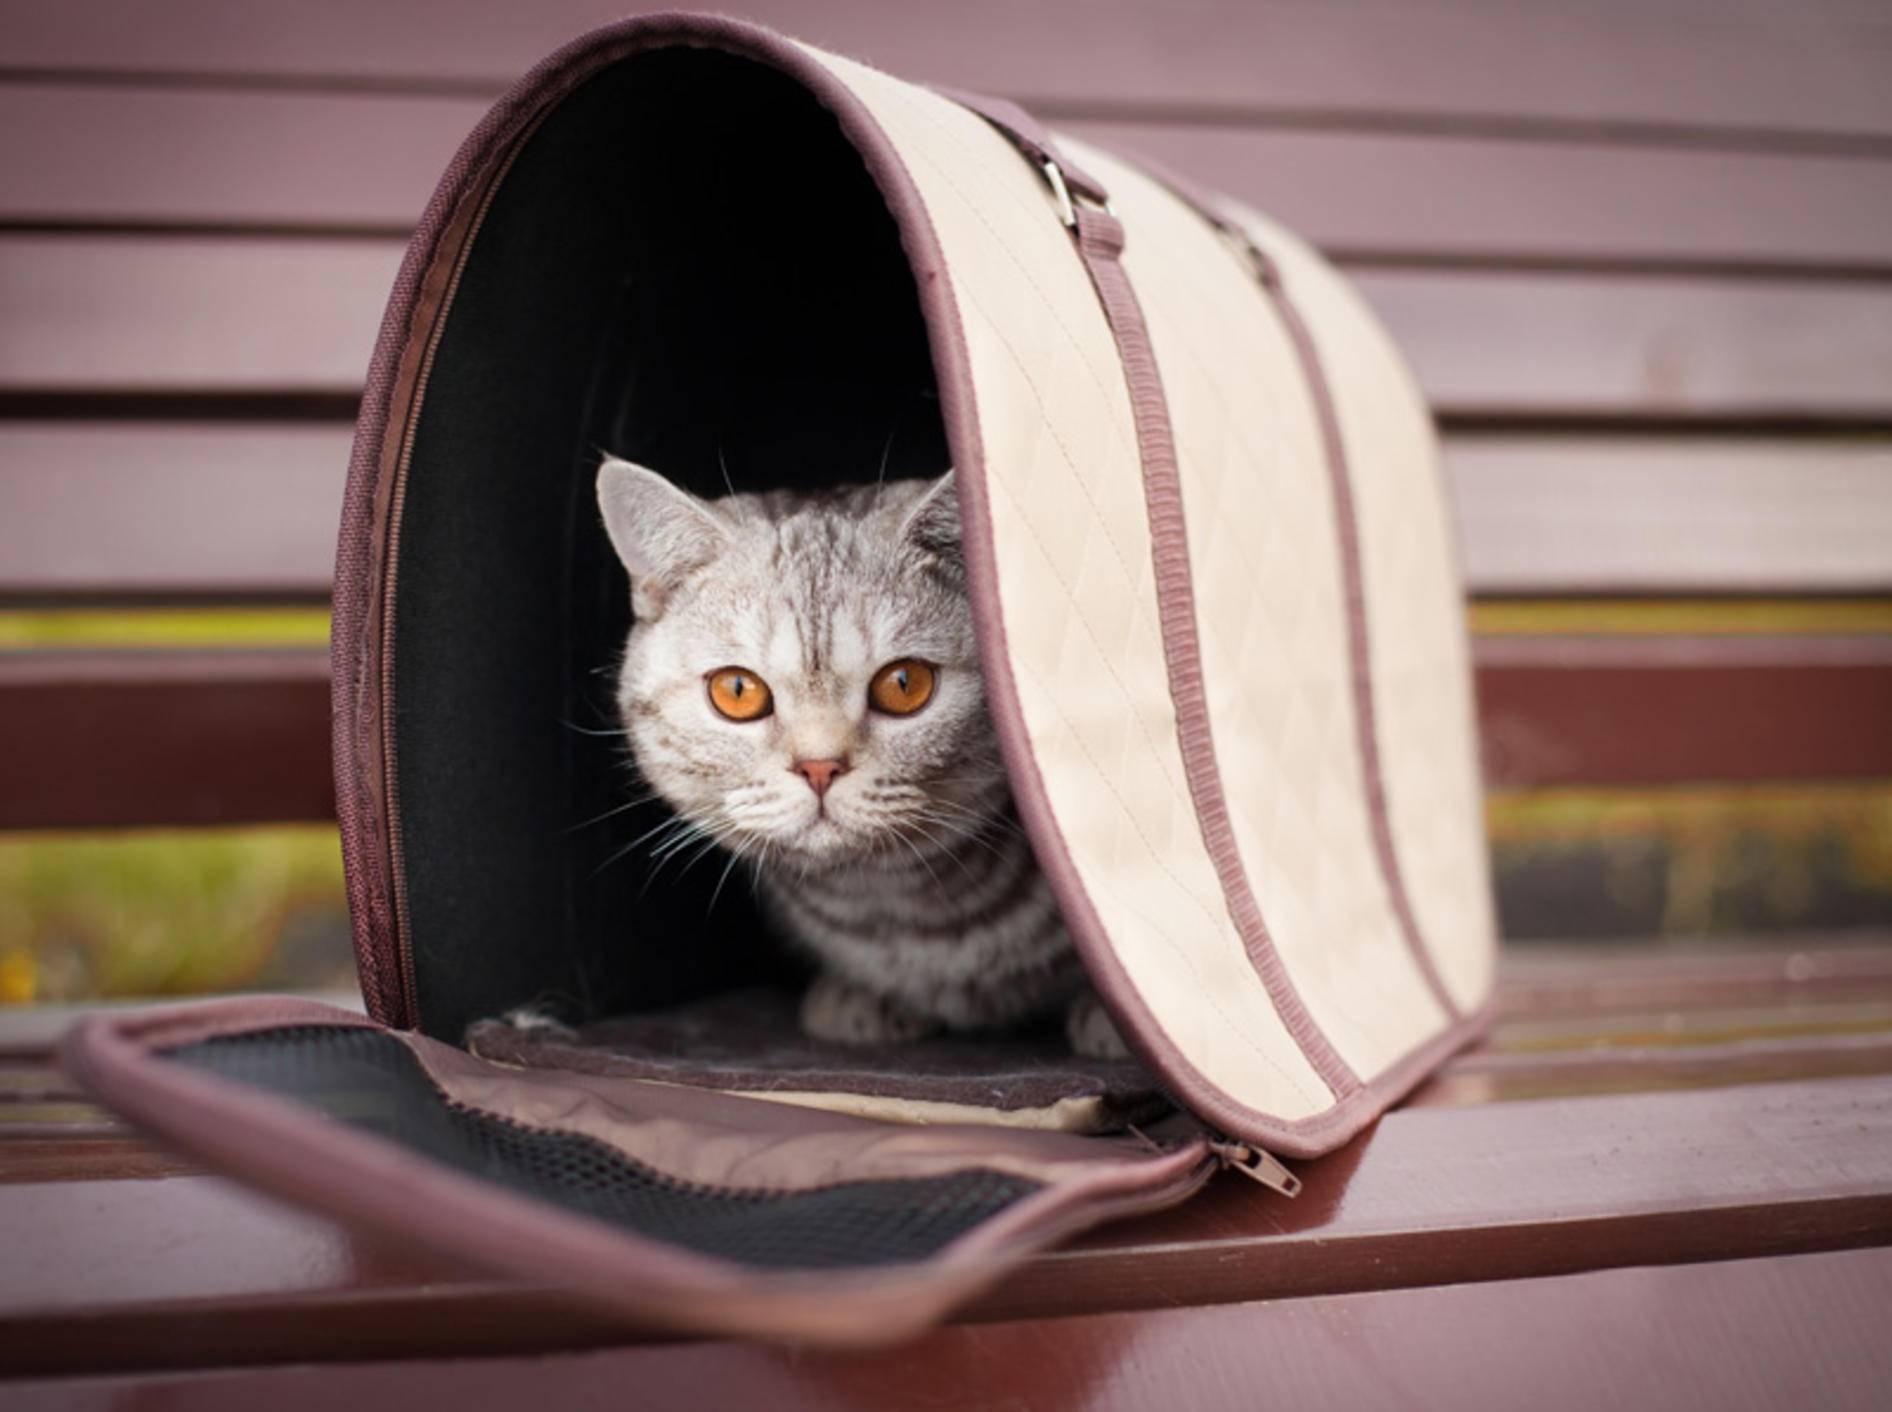 Transporttaschen für Katzen: Tipps und Ideen – Bild: Shutterstock / Elena Efimova